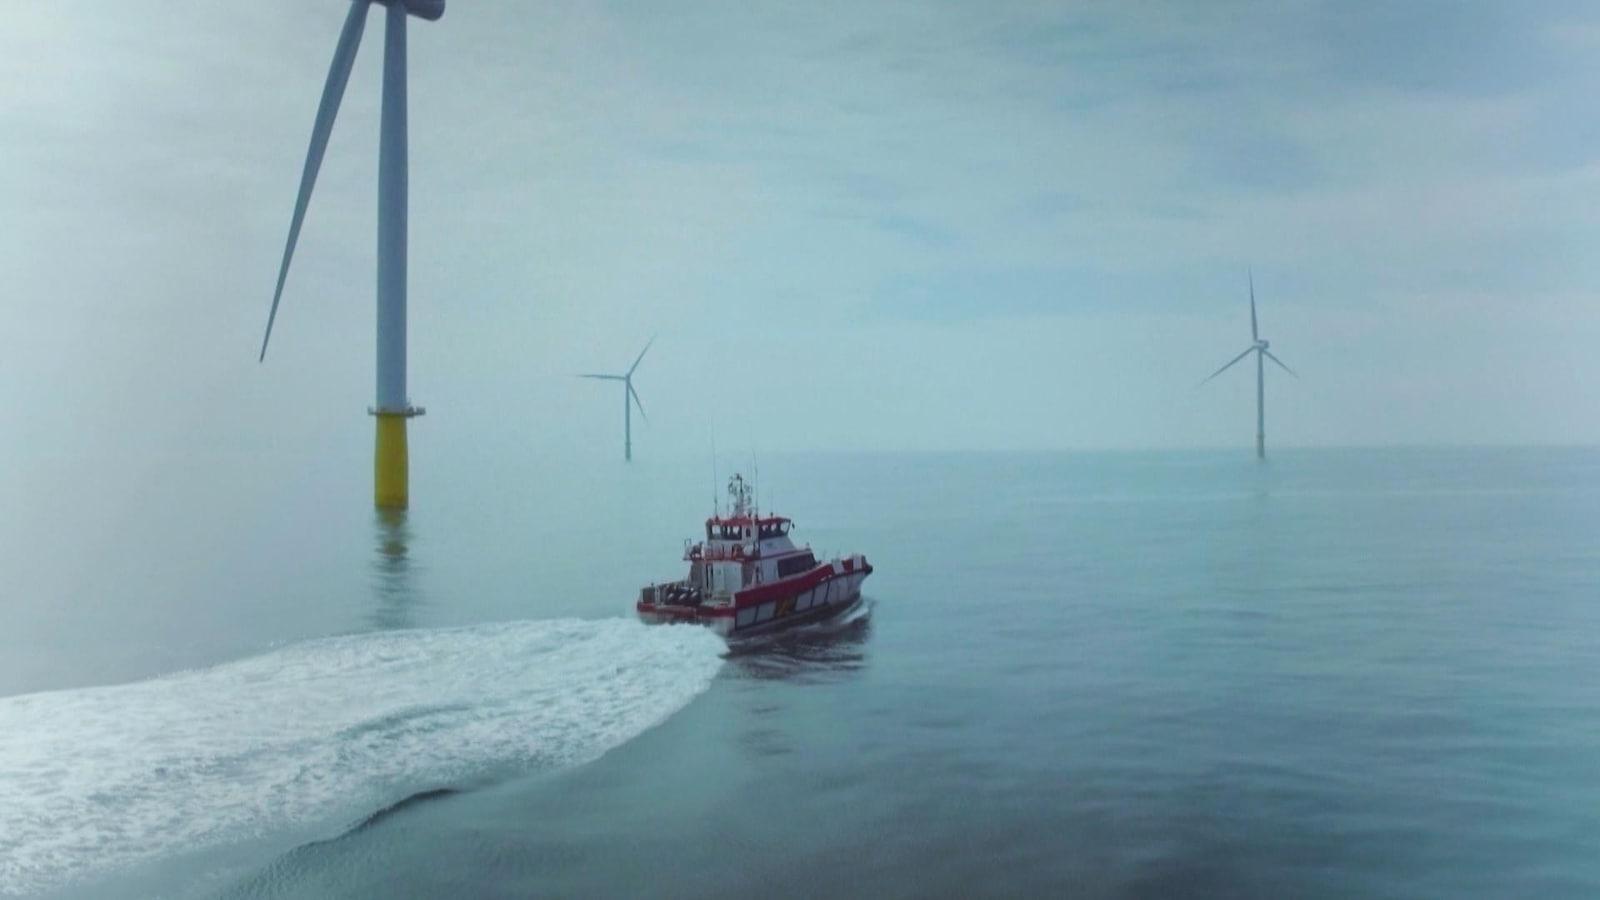 Un bateau passe au milieu d'éolienne en mer.